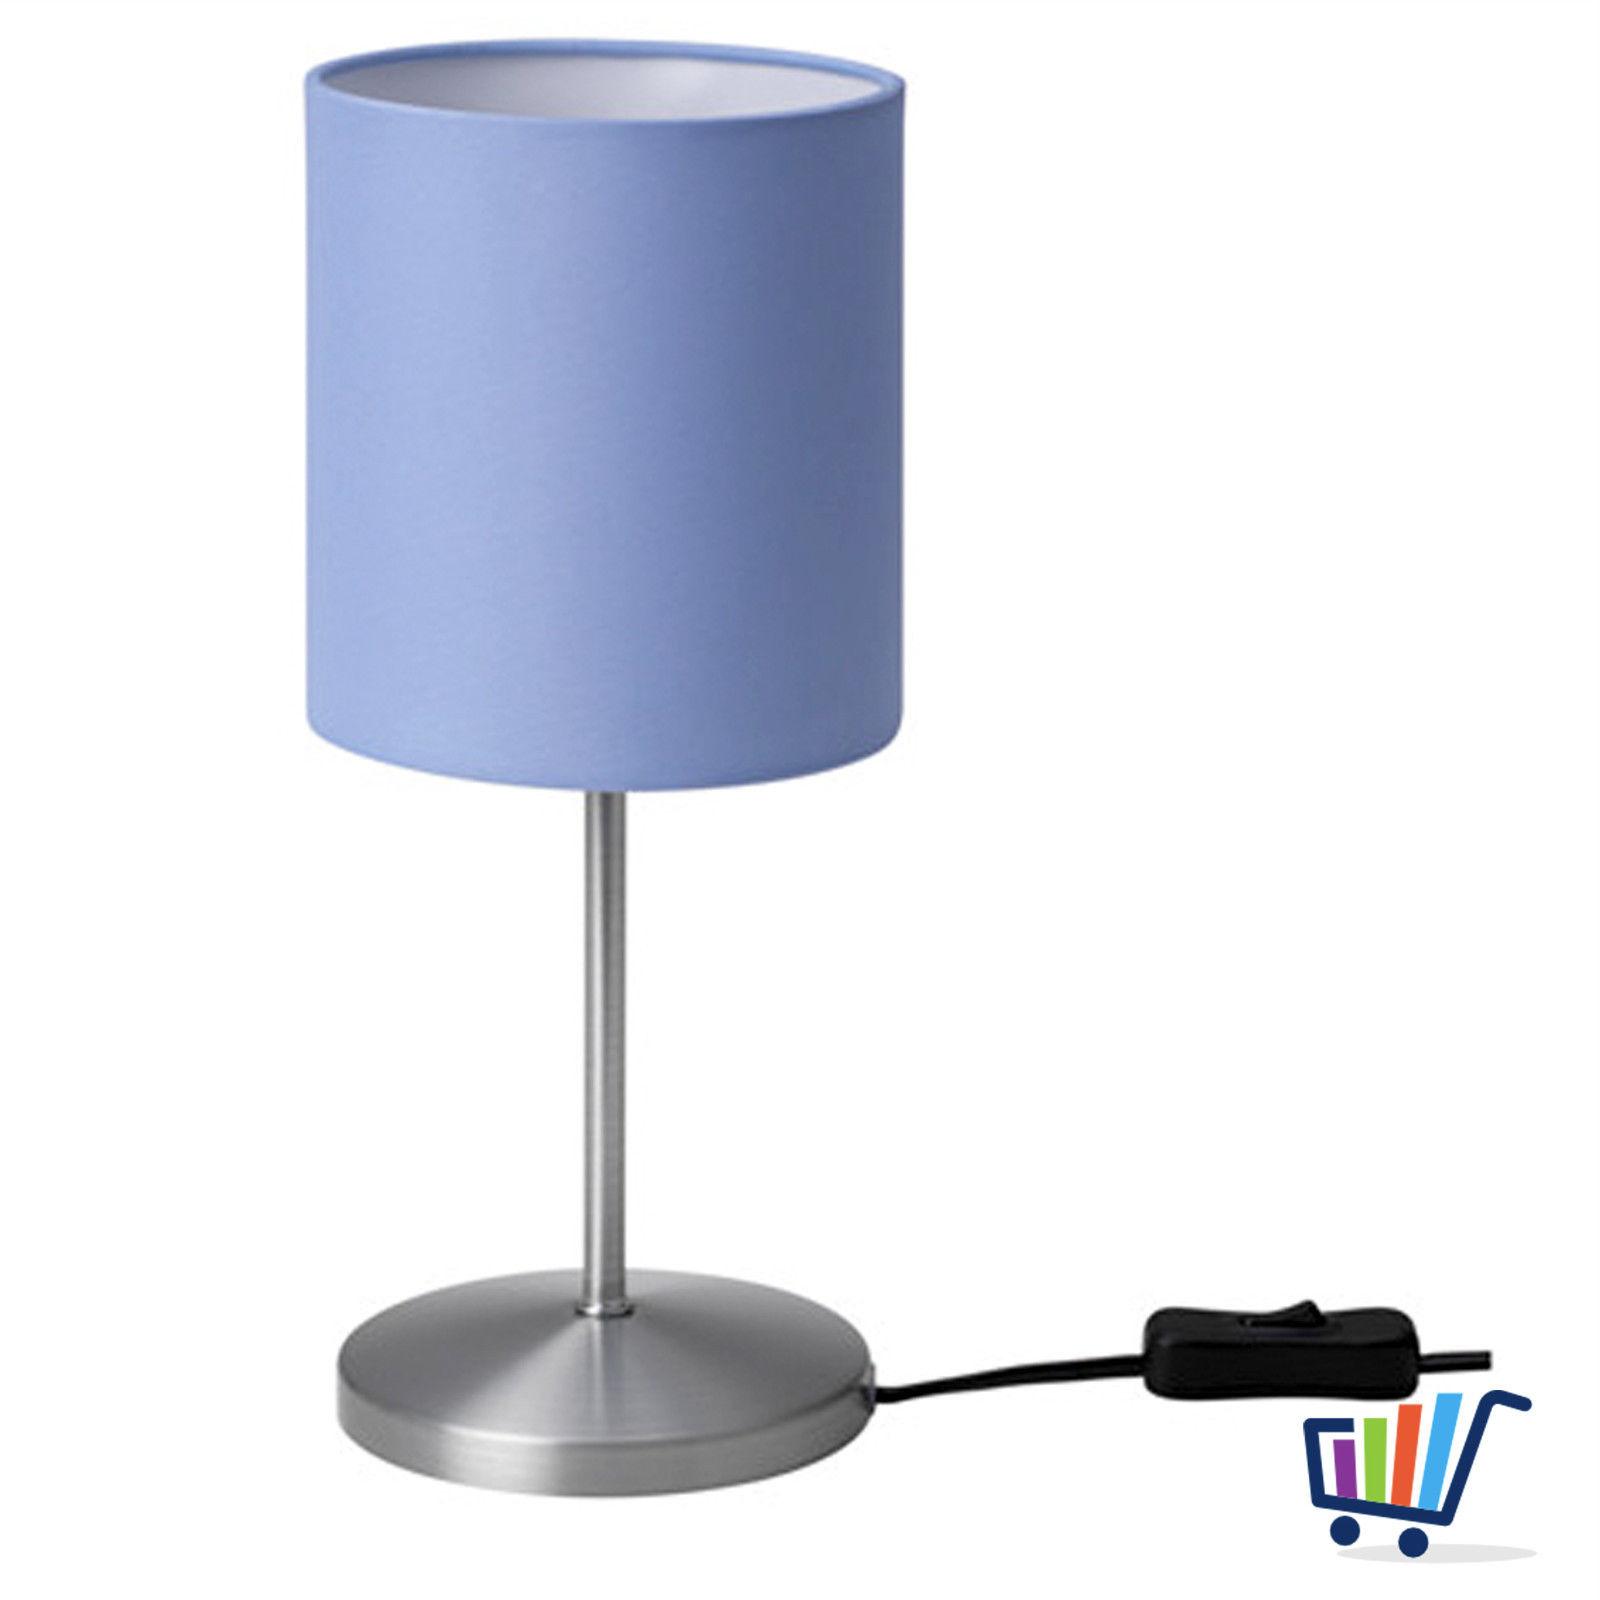 ikea ingared tischleuchte hellblau nachtischlampe regallampe lampe